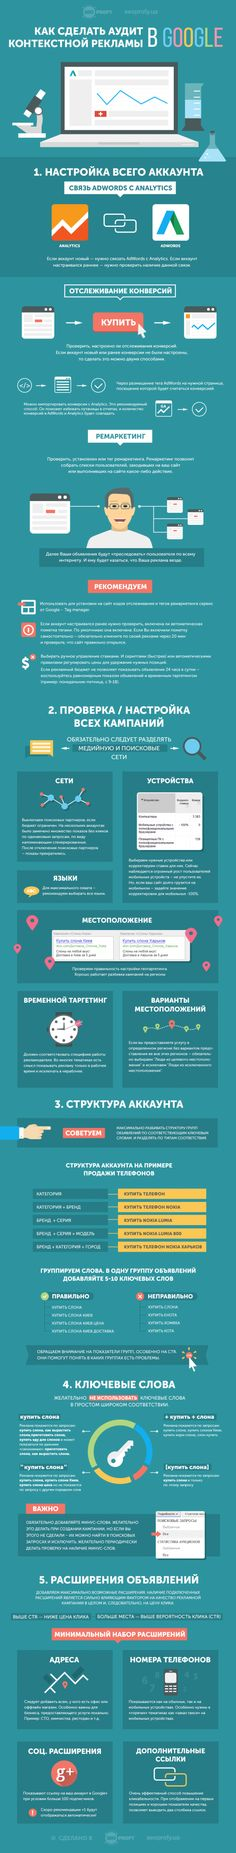 Как сделать аудит контекстной рекламы в Google Adwords